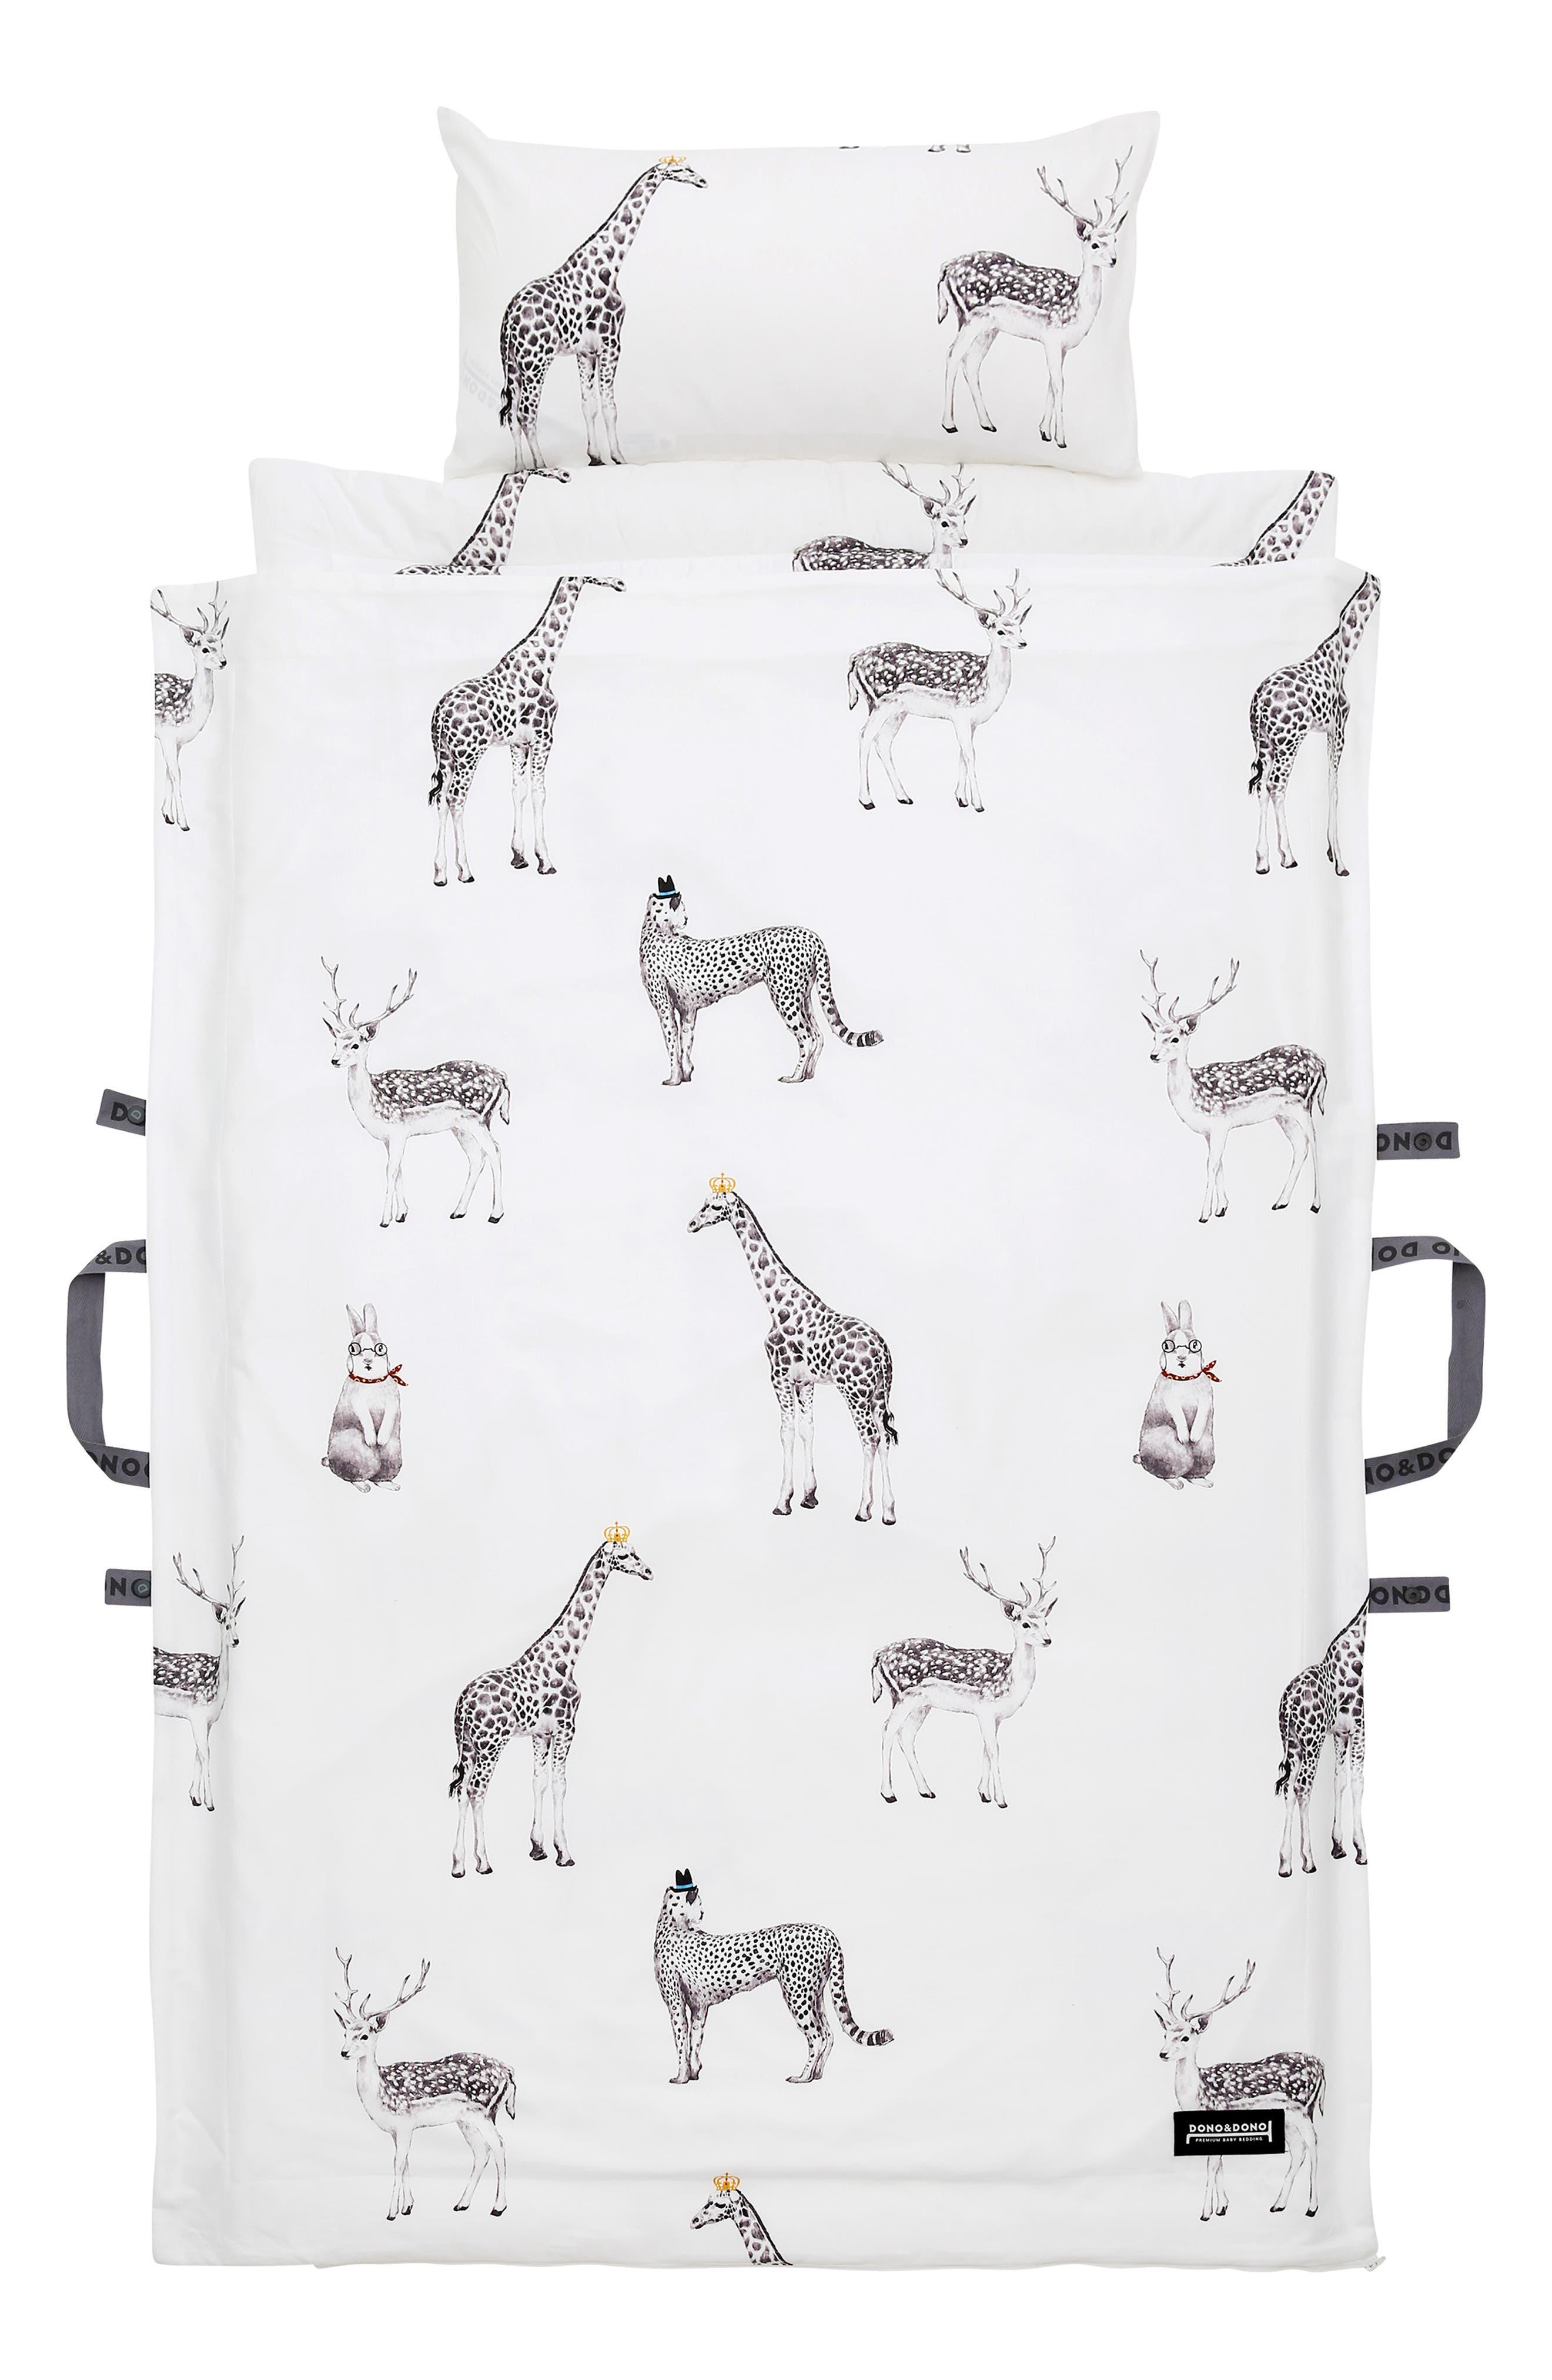 Nap Mat & Toddler Pillow Set, Main, color, RETRO ANIMAL